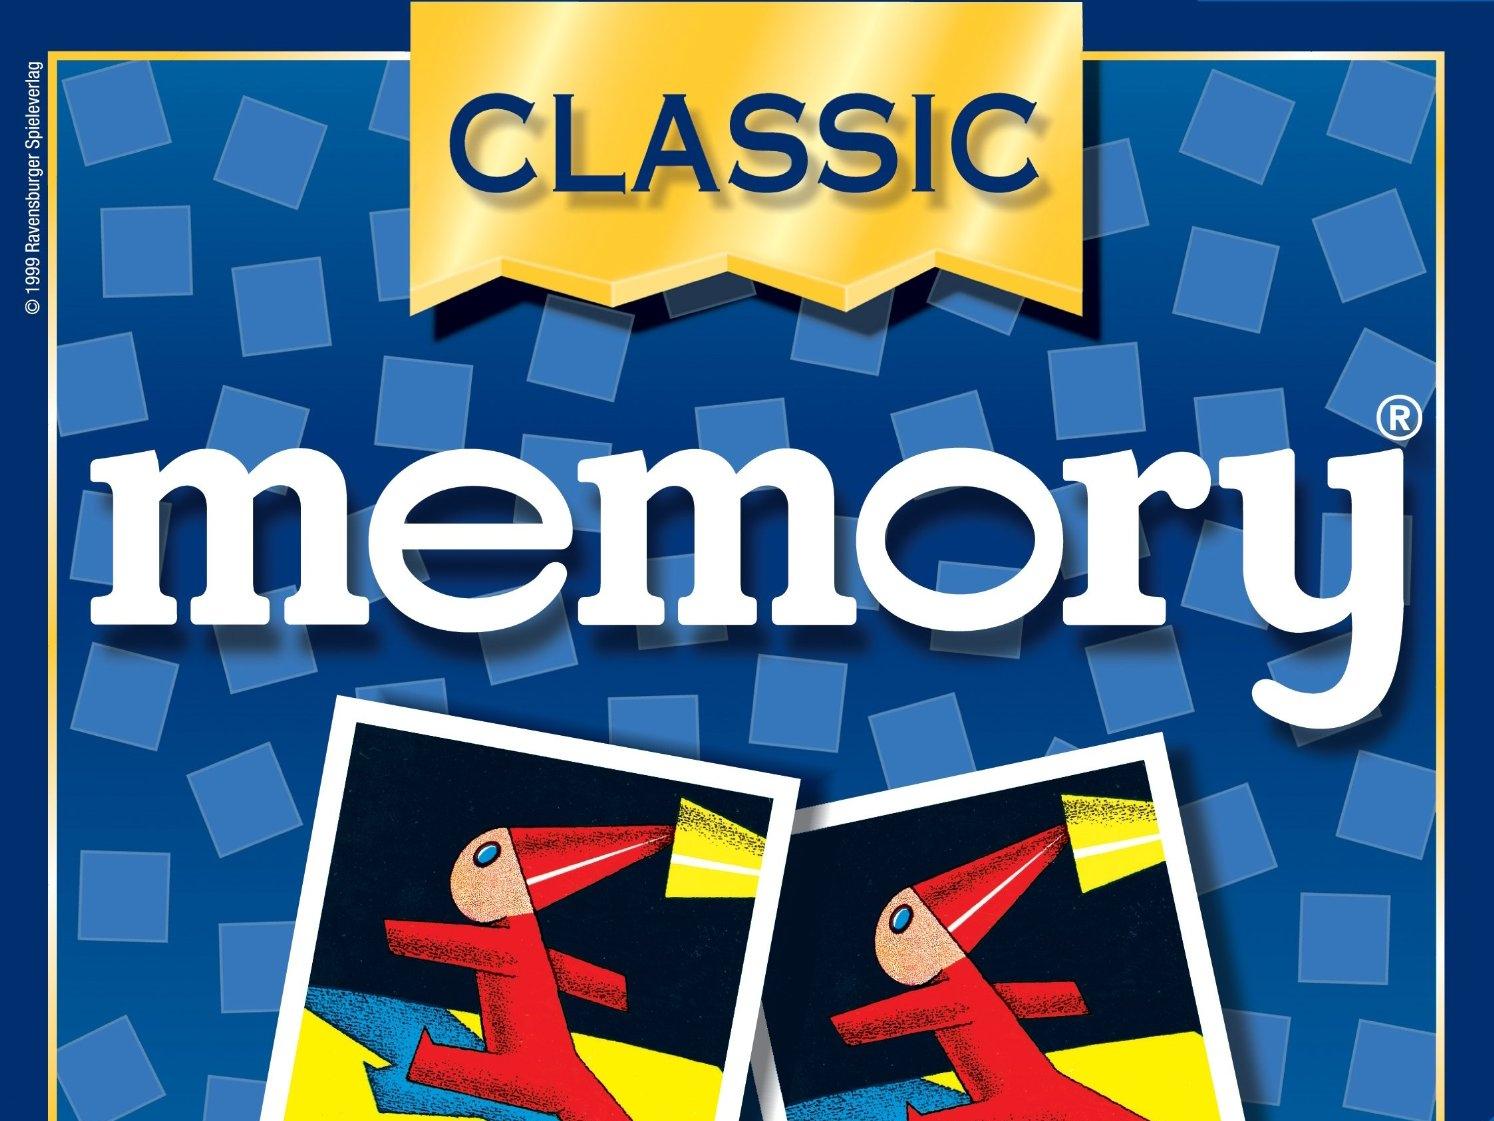 Memory Spiele Kostenlos Herunterladen